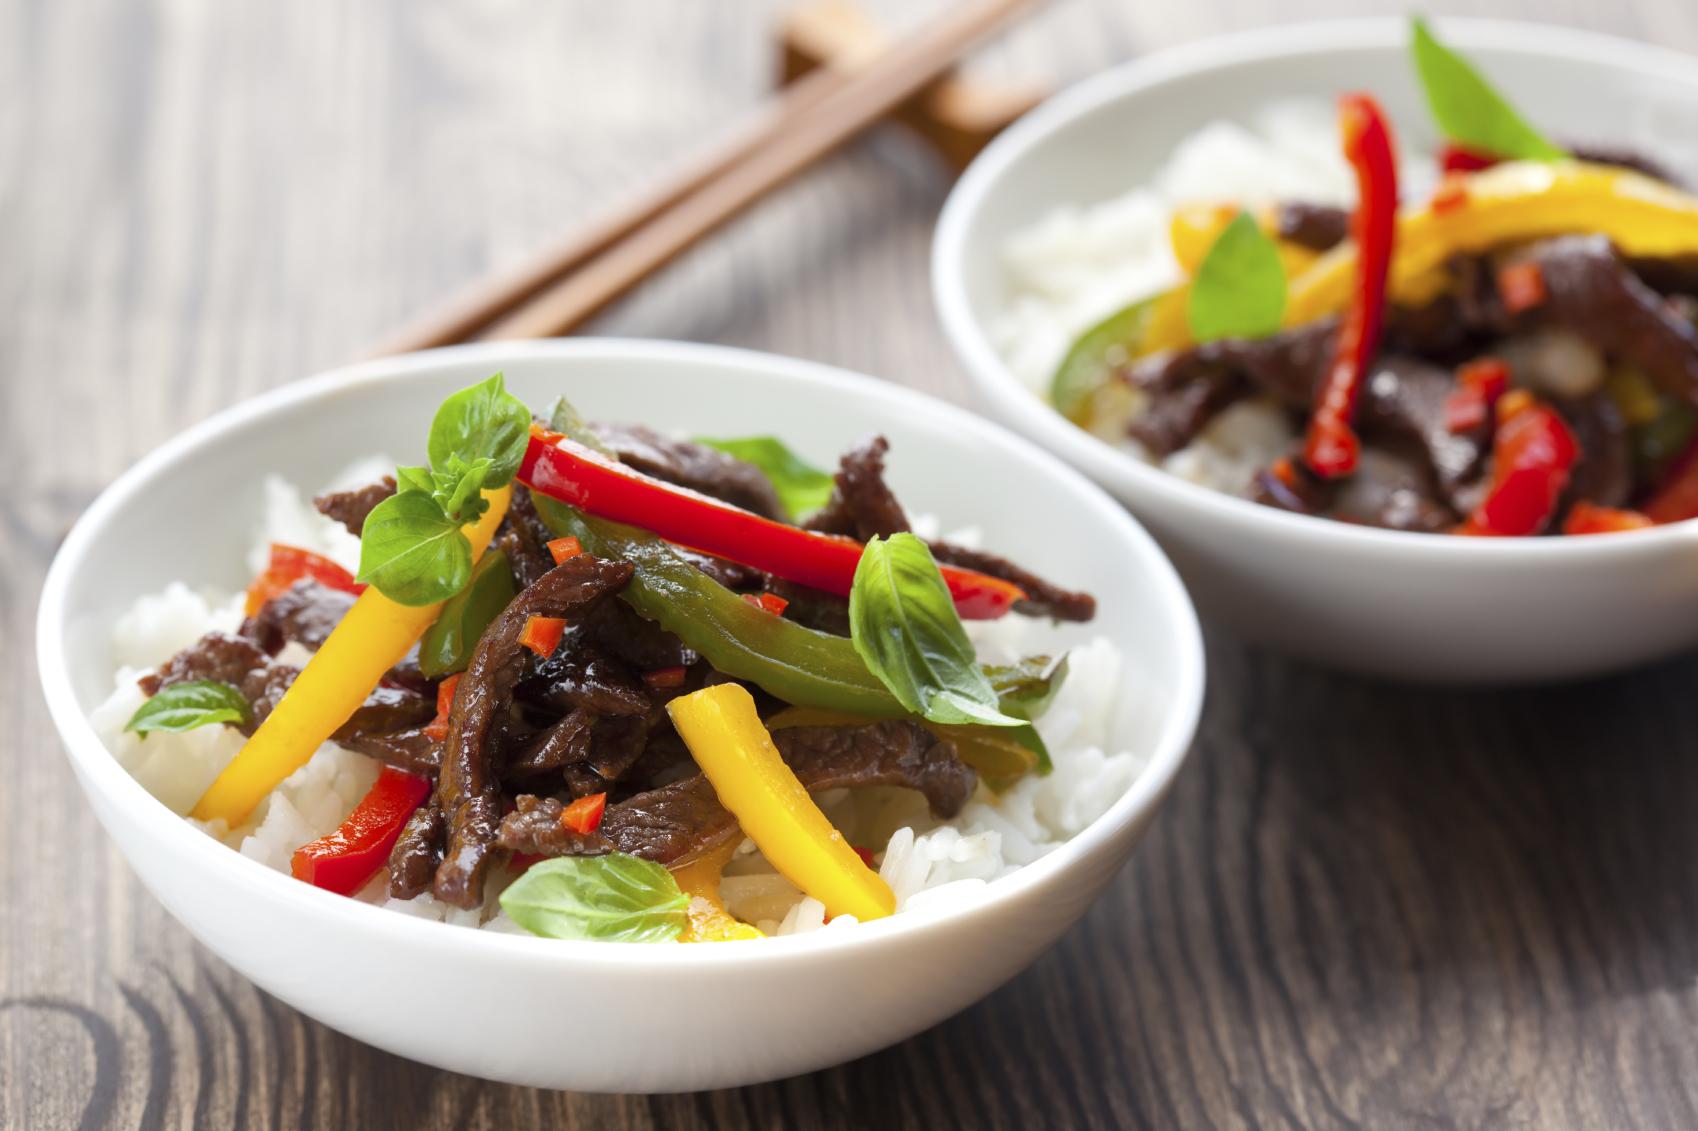 Beef with asparagus and sweet red pepper on a bed of rice: Ċanga bl-ispraġ u bżar aħmar ħelu fuq sodda tar-ross